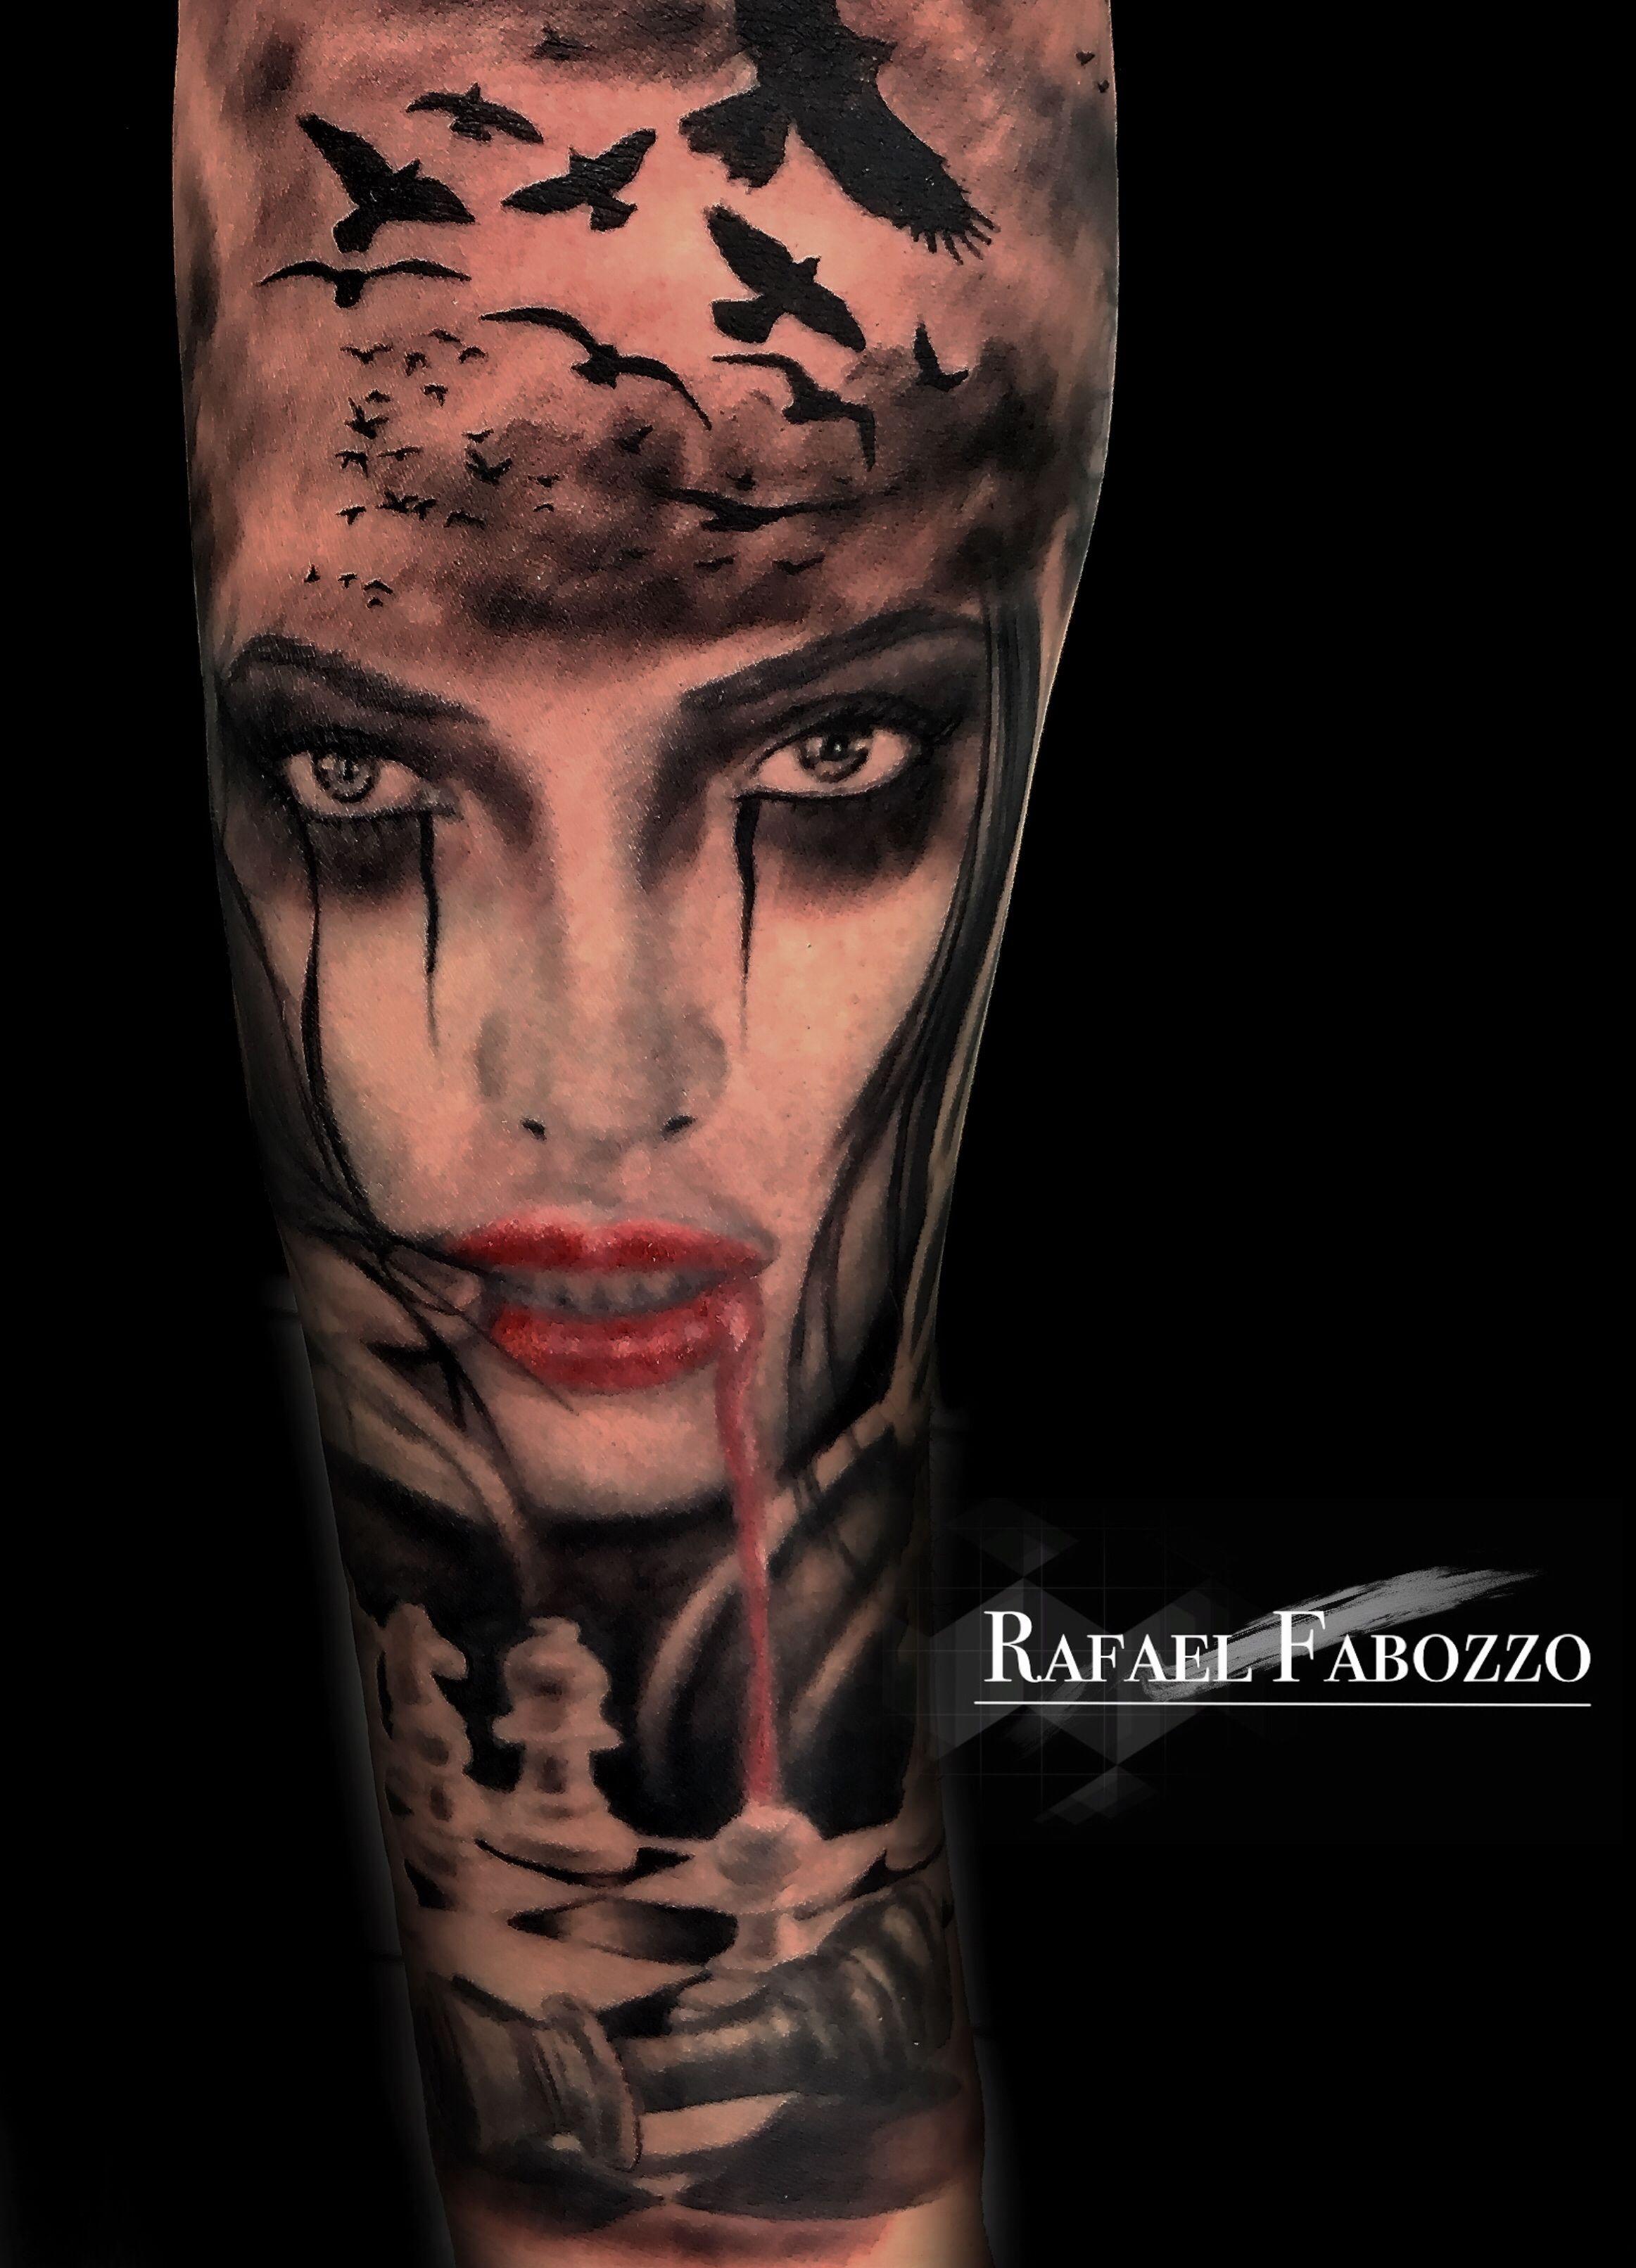 Pin On Rafael Fabozzo Funky Colors Tattoo Vampire tattoos designs and ideas : pin on rafael fabozzo funky colors tattoo